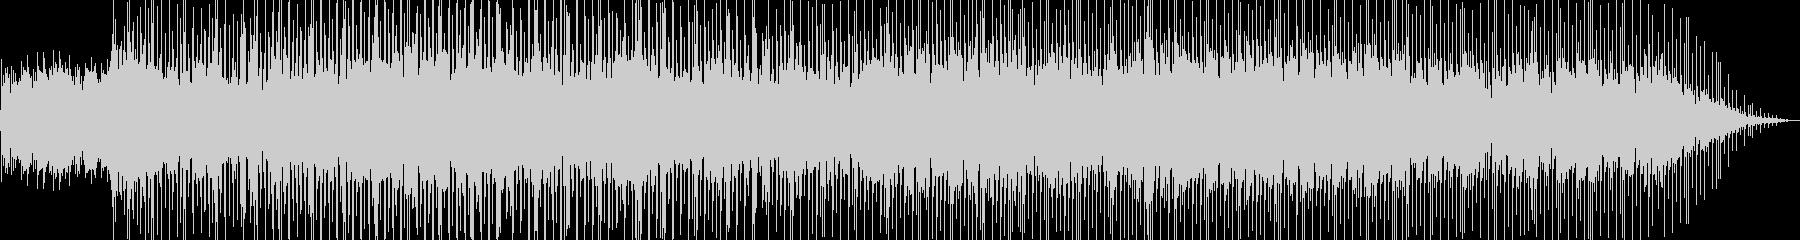 真夏のヒマワリがよく似合うロックの未再生の波形